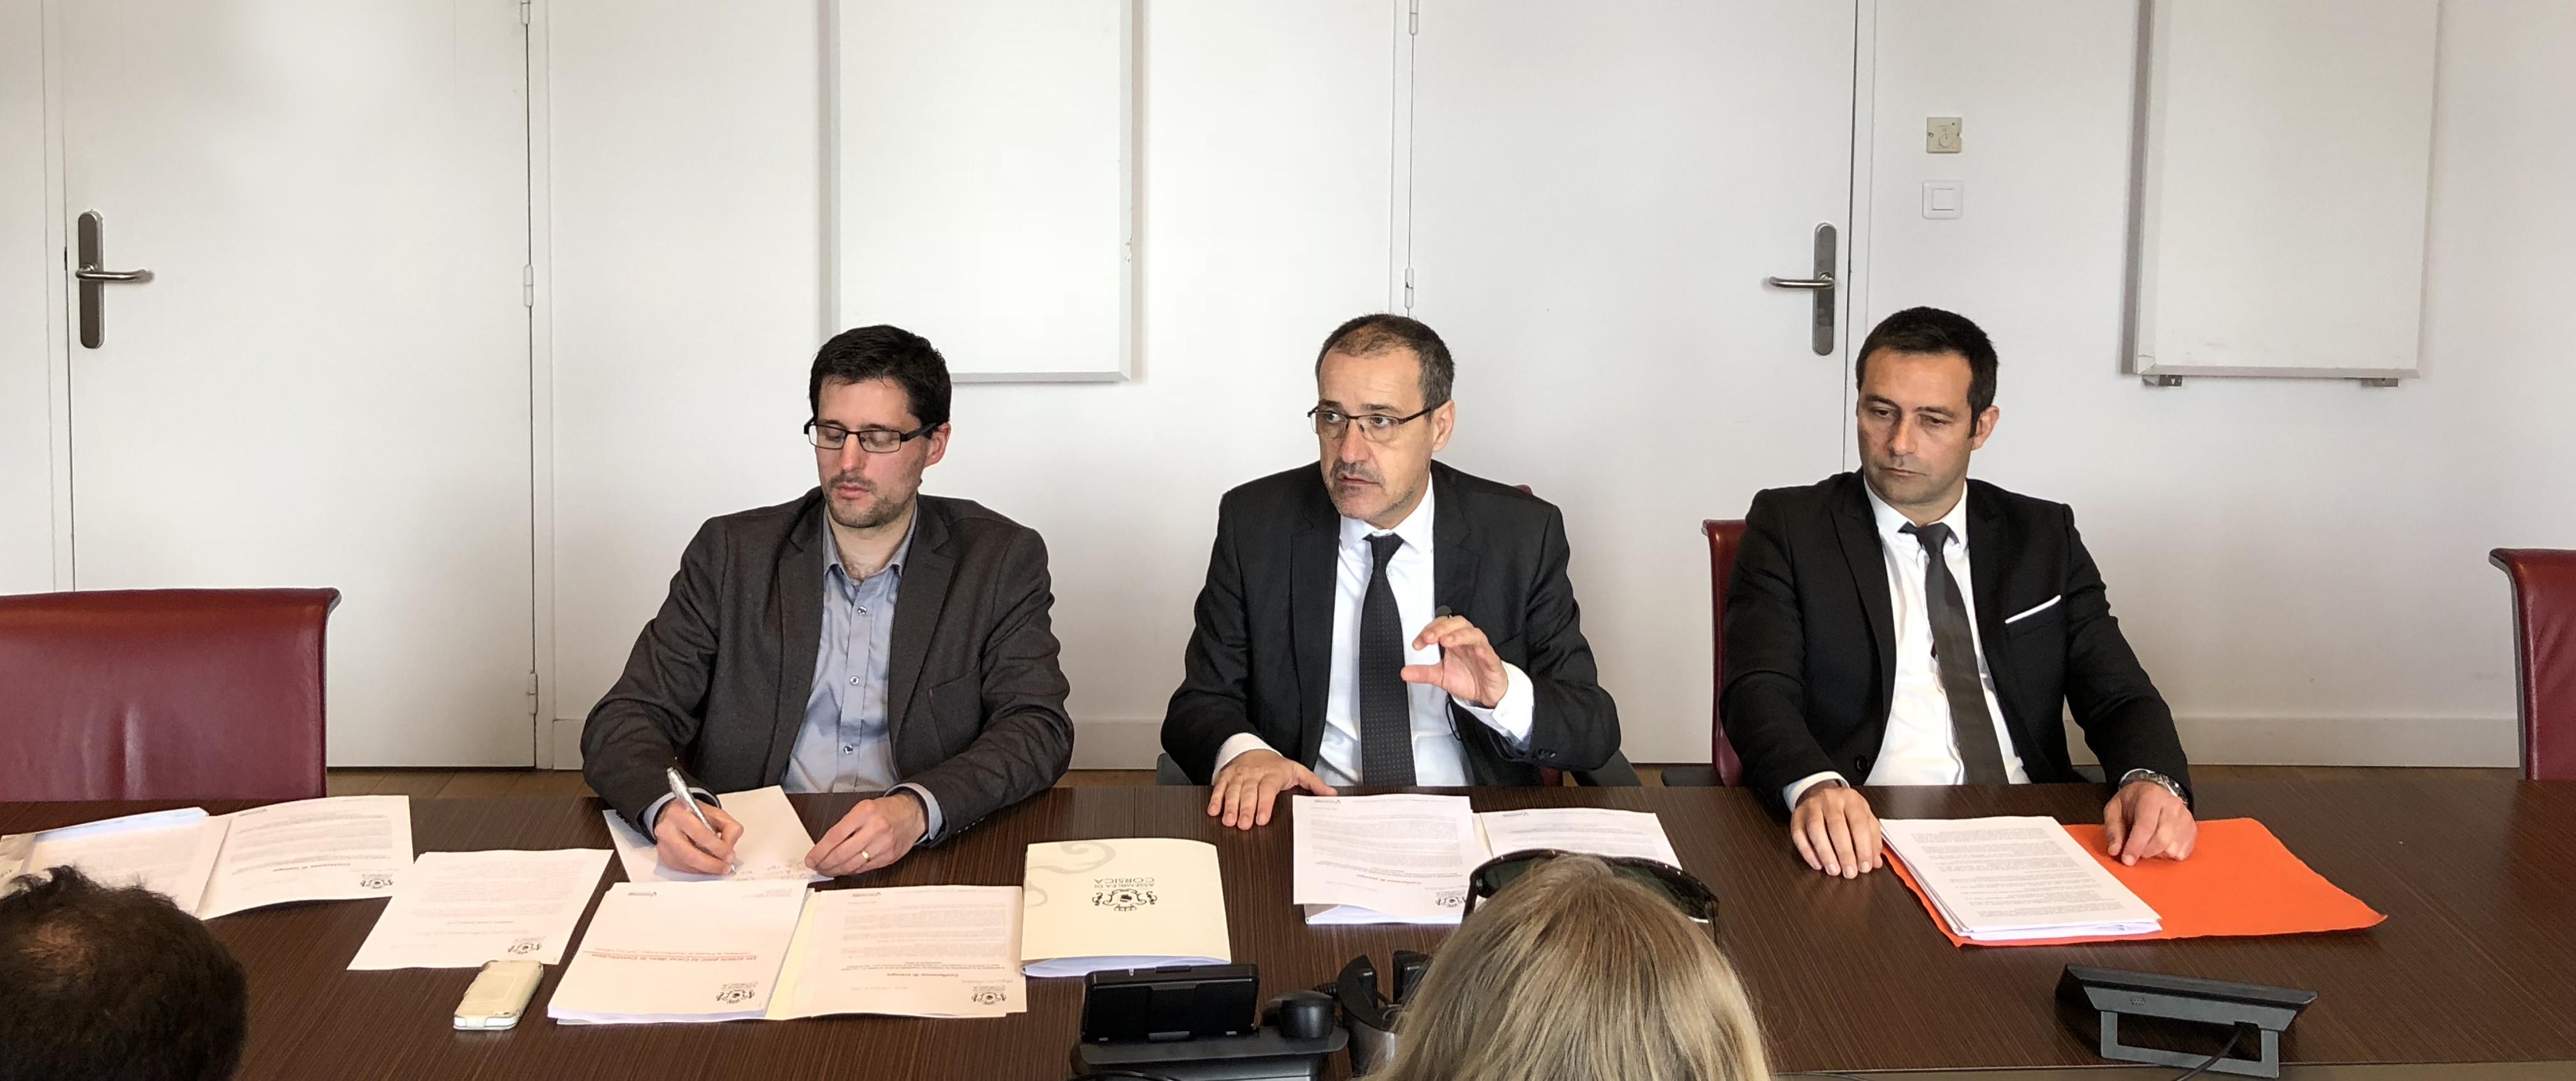 Un article pour la Corse dans la Constitution : contribution du Président de l'Assemblée de Corse